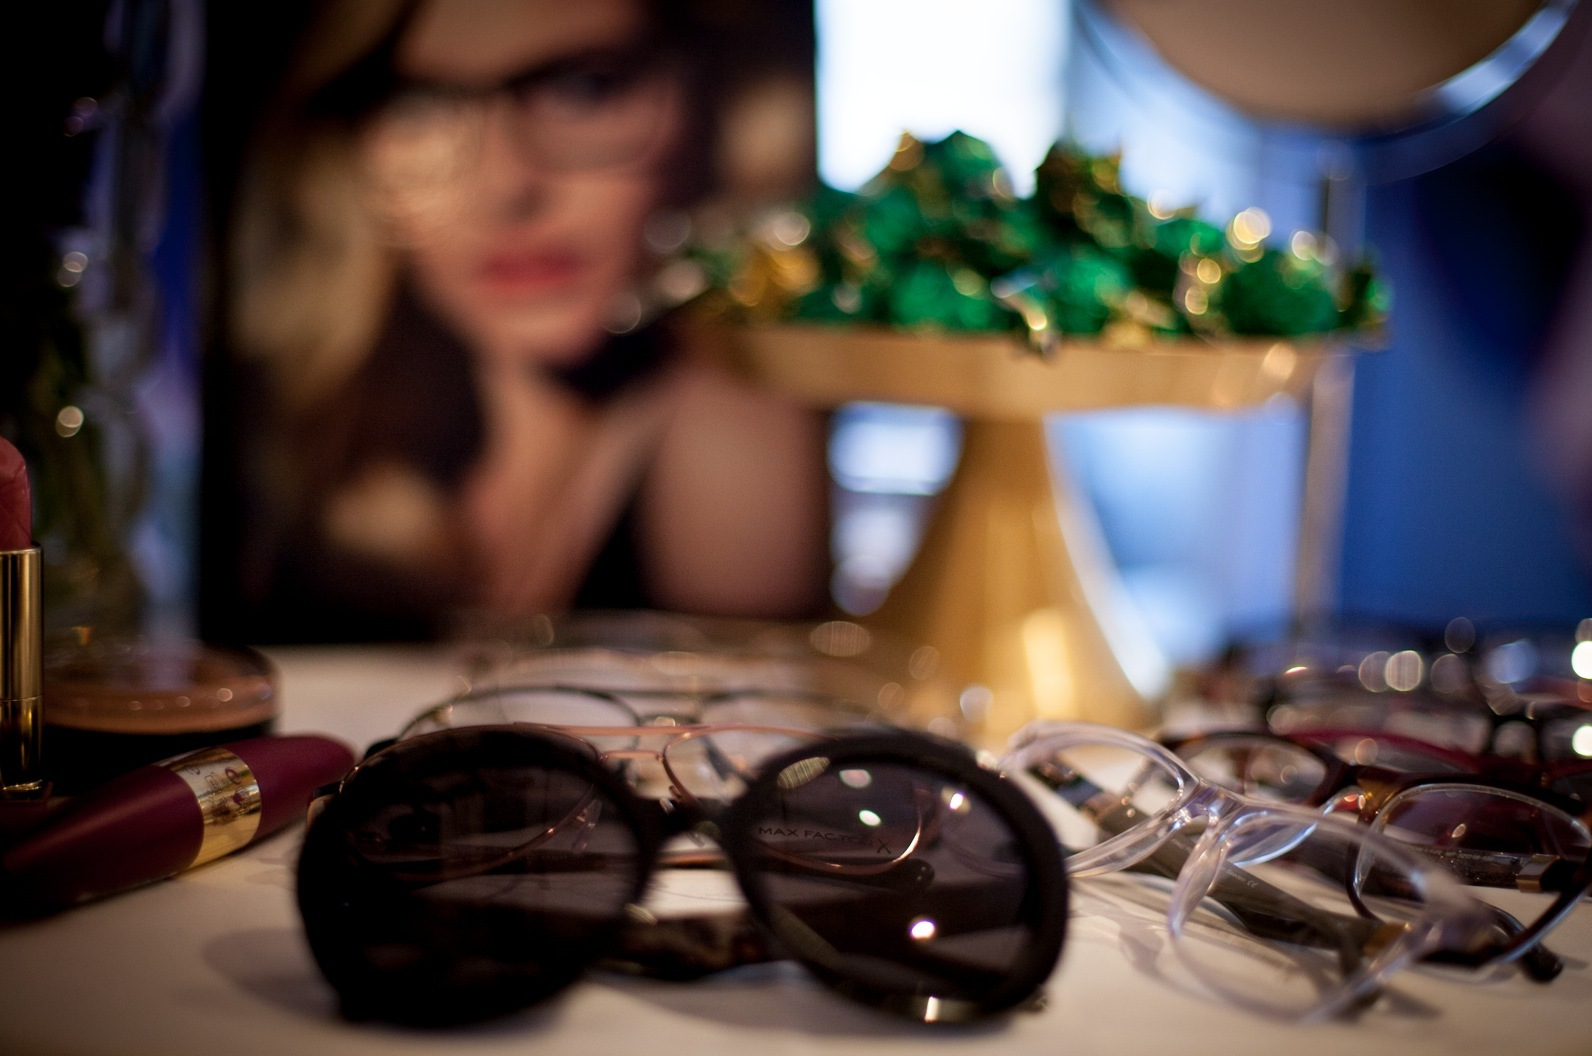 Max Faxtor har tagit hjälp av svenska designers för att ta fram en unik glasögonkollektion som lanseras i hela världen. Hur coolt är inte det? Kolla in Jackie Onassis -solglajjorna längs fram. Wiii!